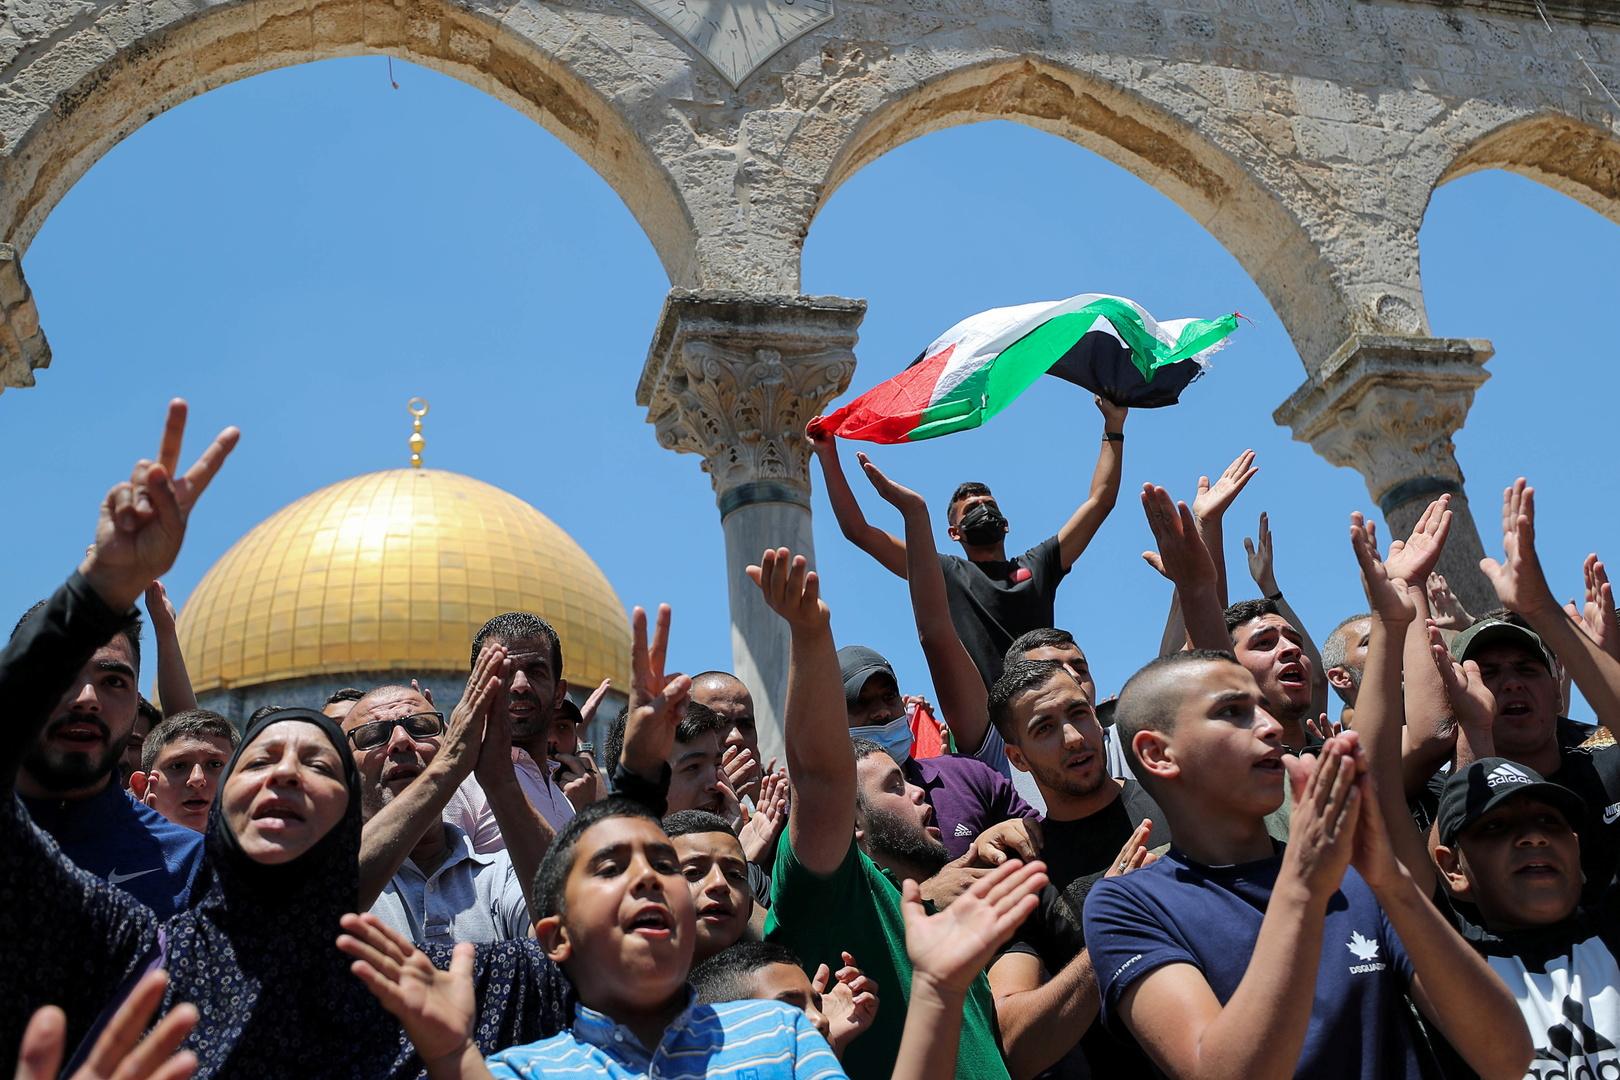 مواجهات بين فلسطينيين والجيش الإسرائيلي عقب اقتحام المسجد الأقصى (فيديو)